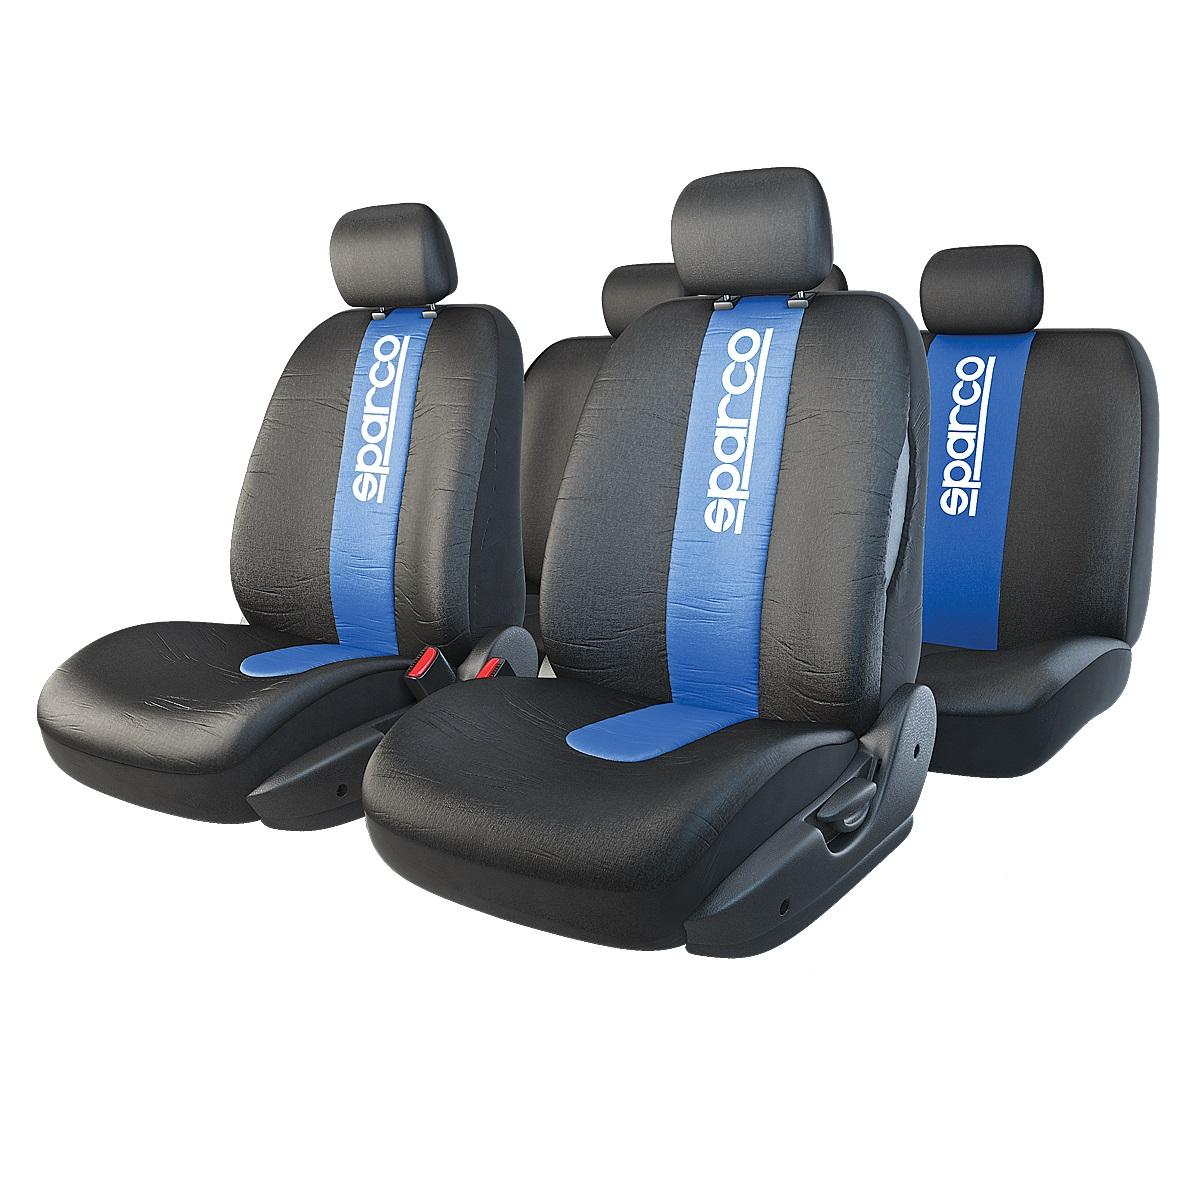 Чехол на сиденье SparcoЧехлы на сиденья<br>Тип: чехол,<br>Материал: полиэстер,<br>Цвет: черный/синий<br>